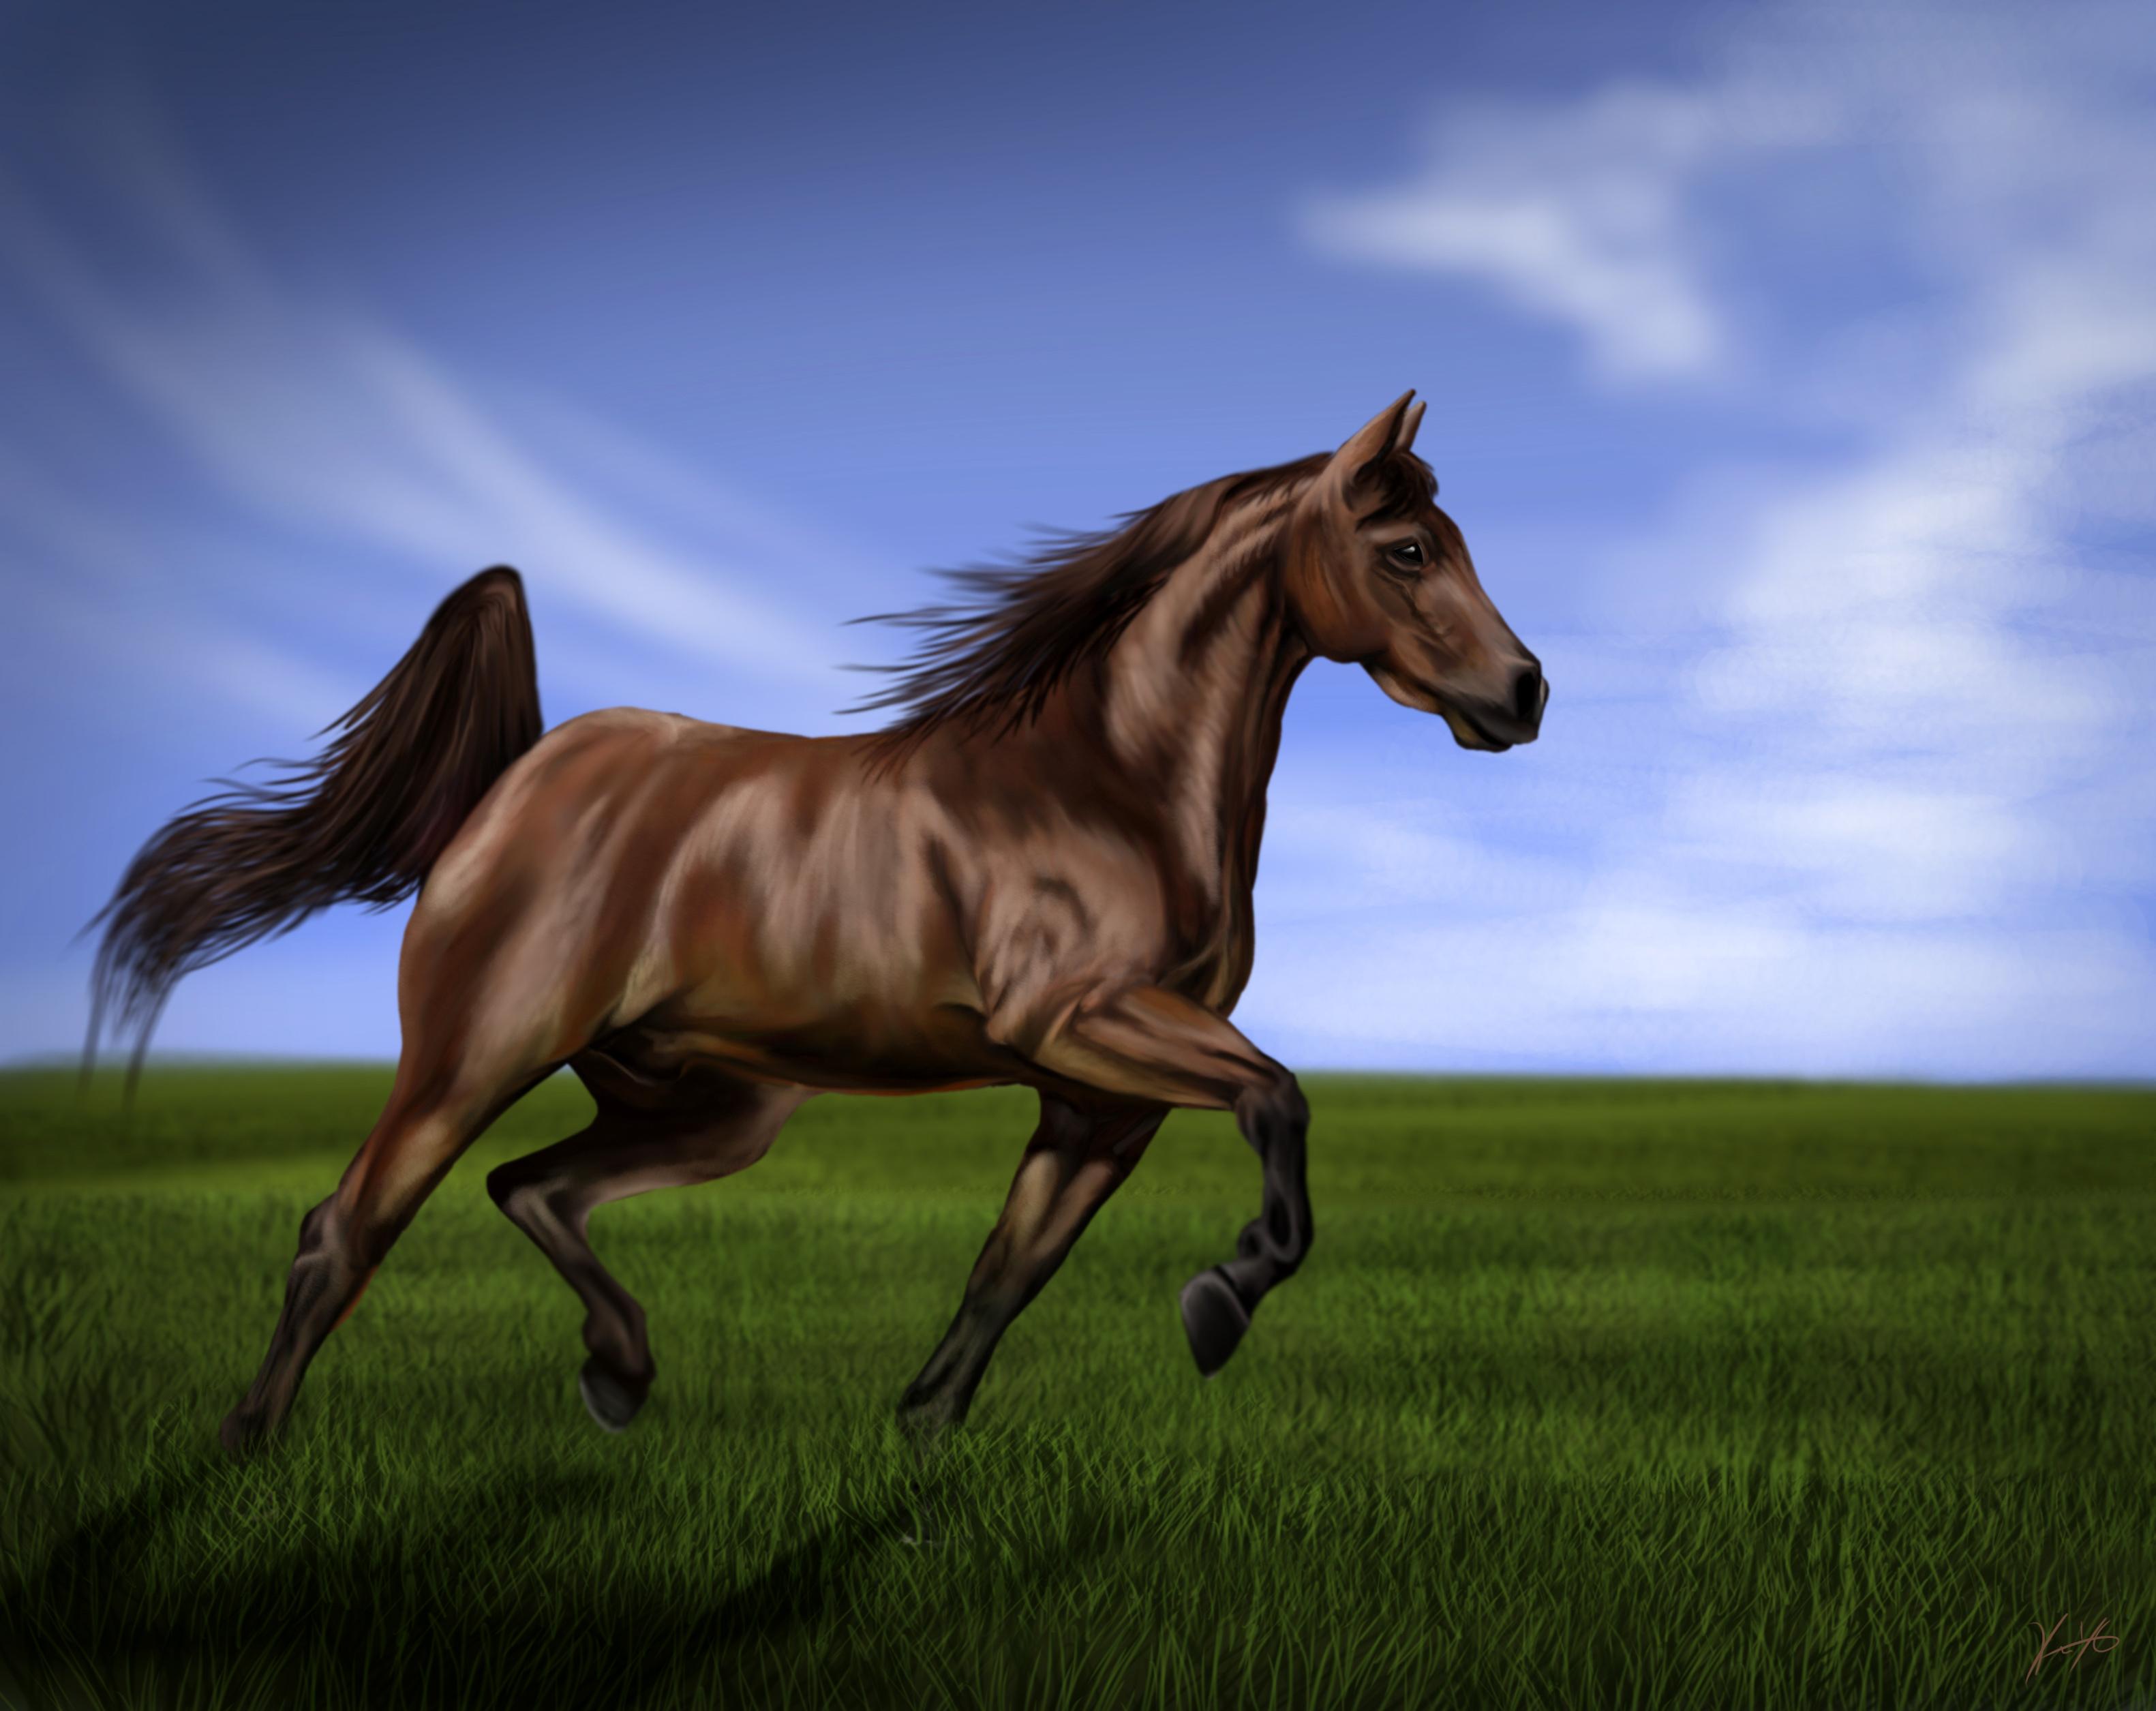 рисунок графика лошадь природа животные figure graphics horse nature animals  № 3925652 без смс